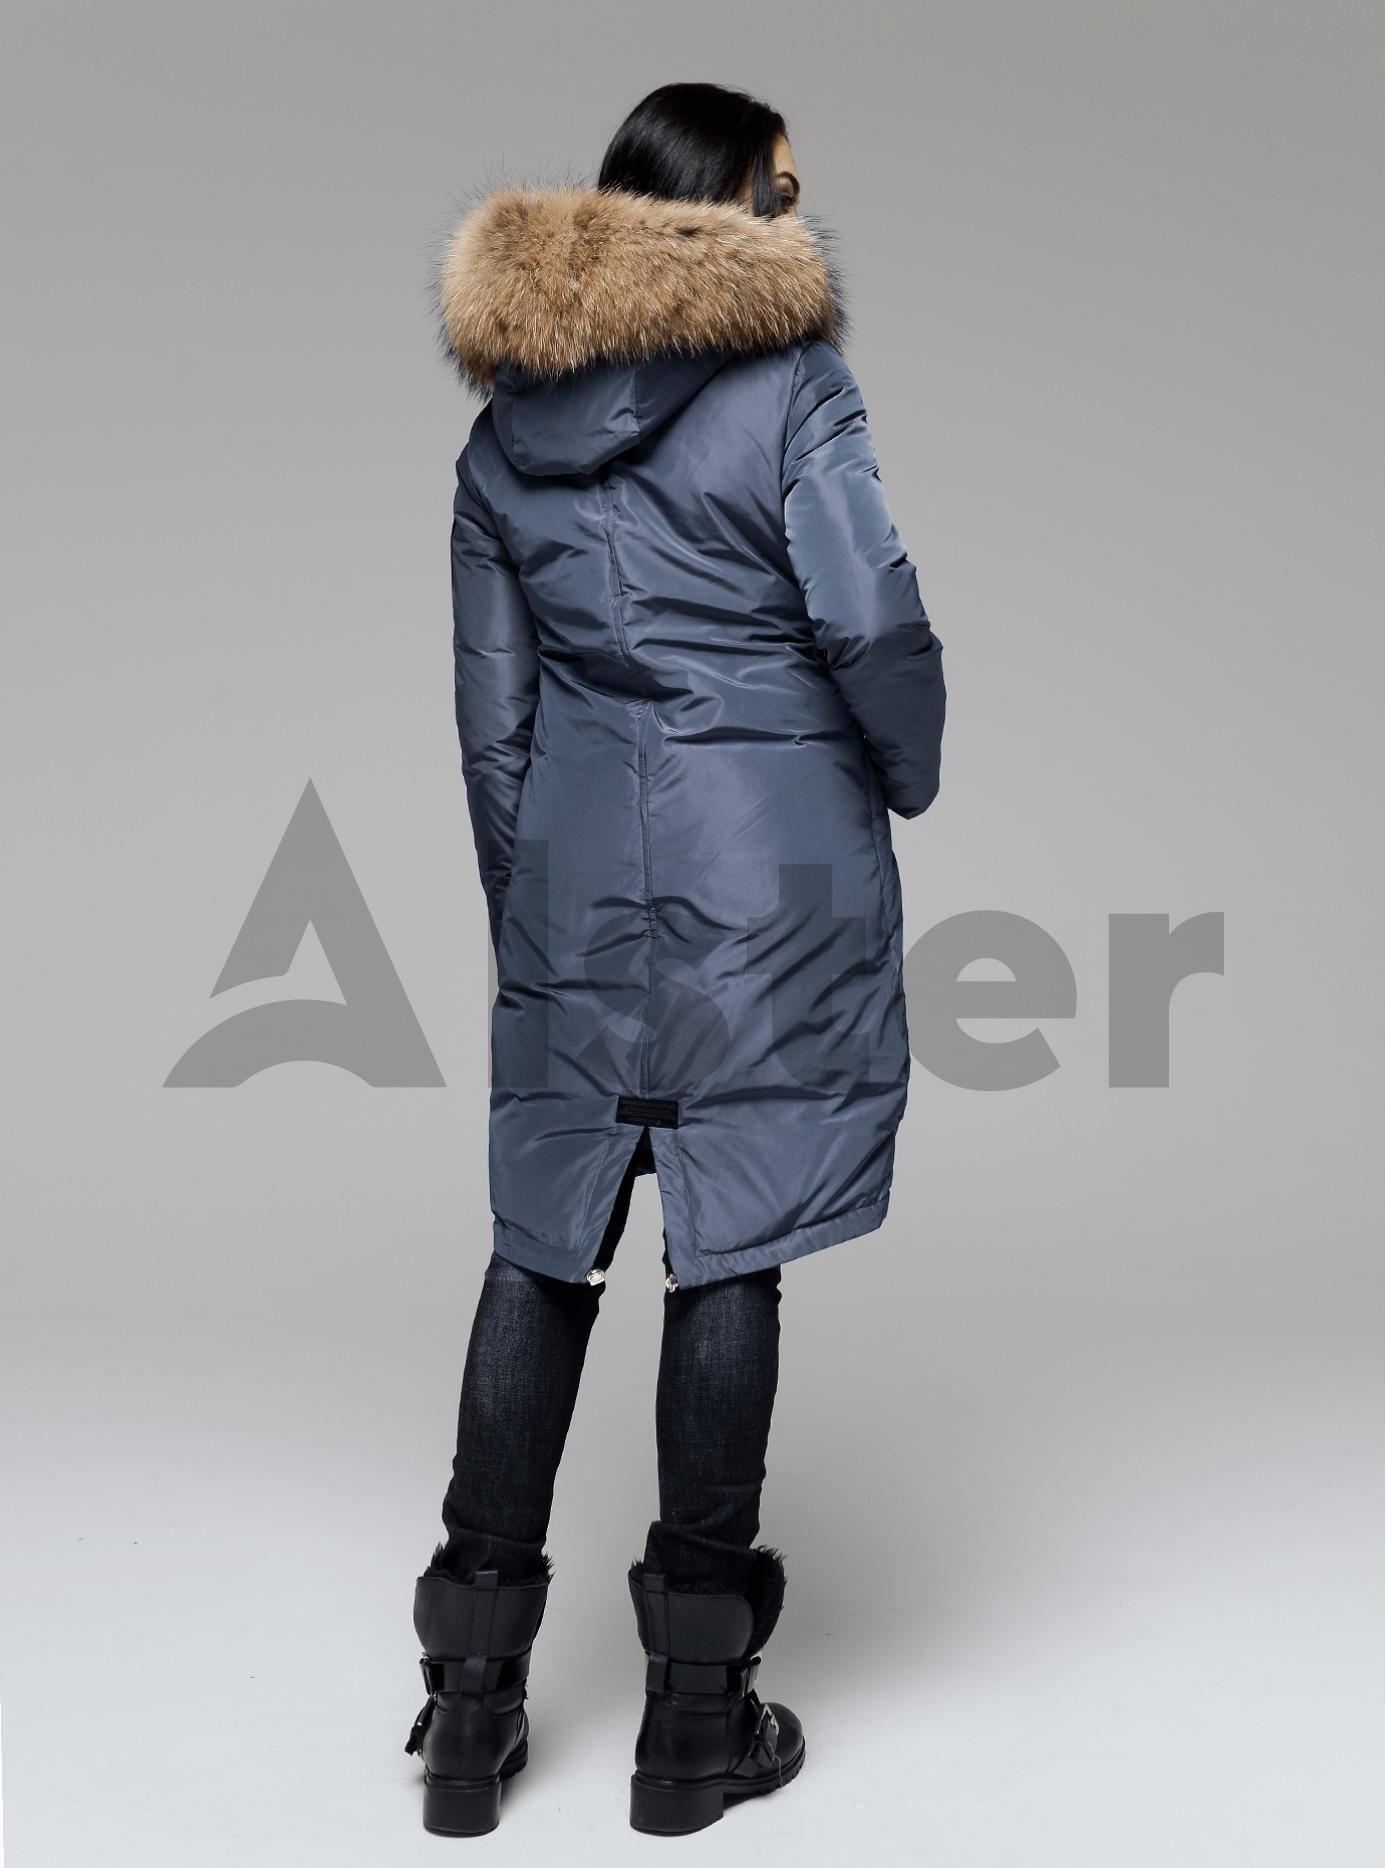 Куртка зимняя длинная со съемным мехом енота Графитовый S (05-V191196): фото - Alster.ua